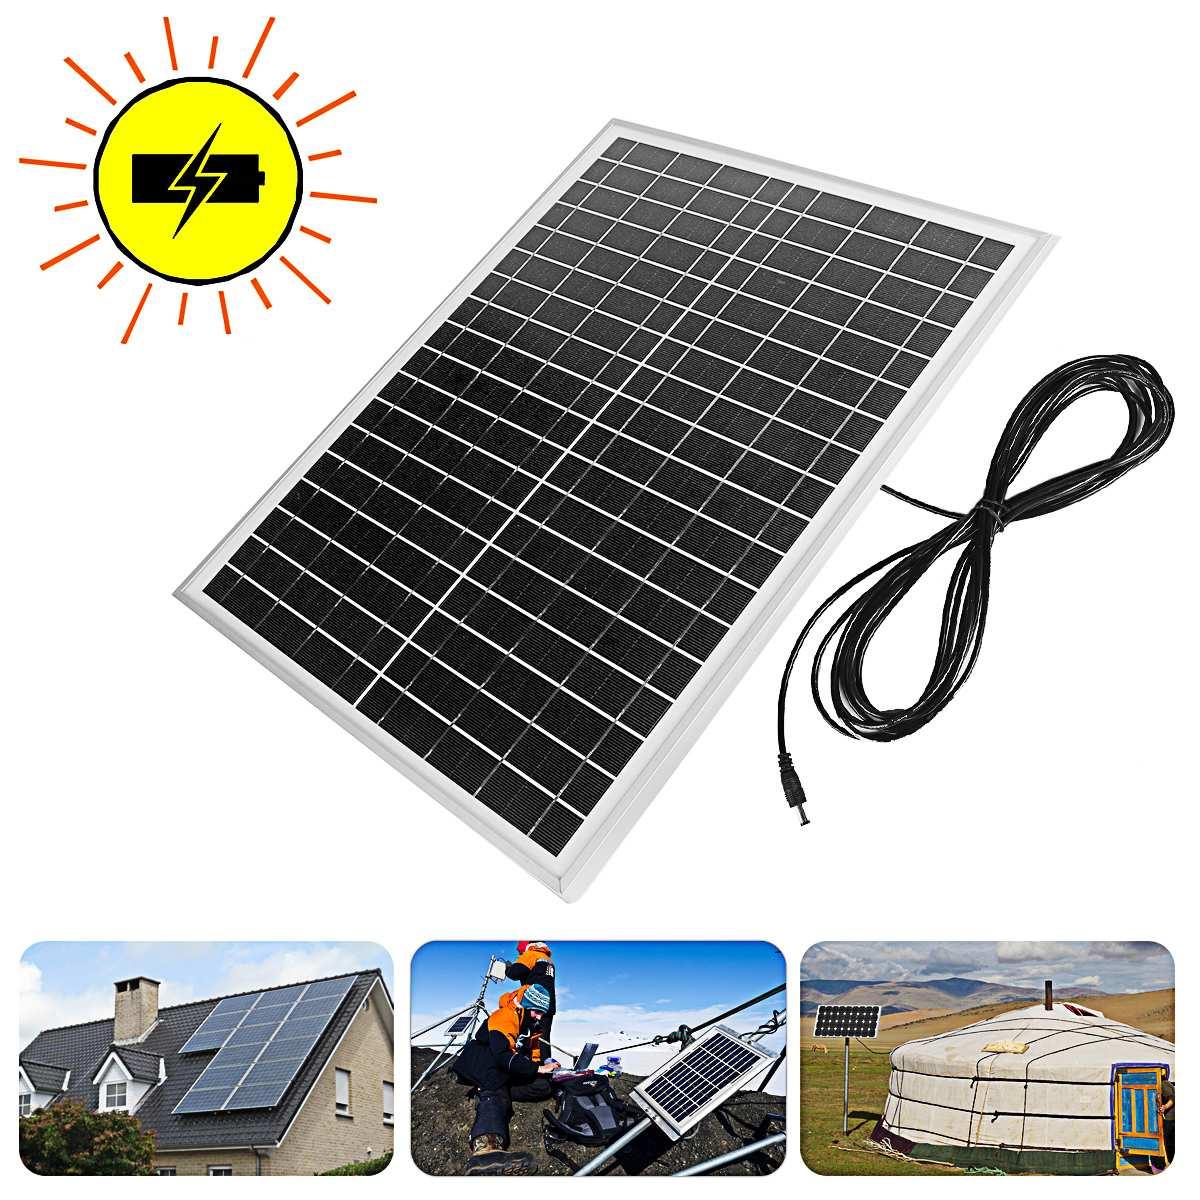 20 W 18 V De Stockage D'énergie Générateur panneau solaire led chargeur usb bricolage Module pour La Maison Système De Charge De Batterie En Plein Air 46*35*2 cm